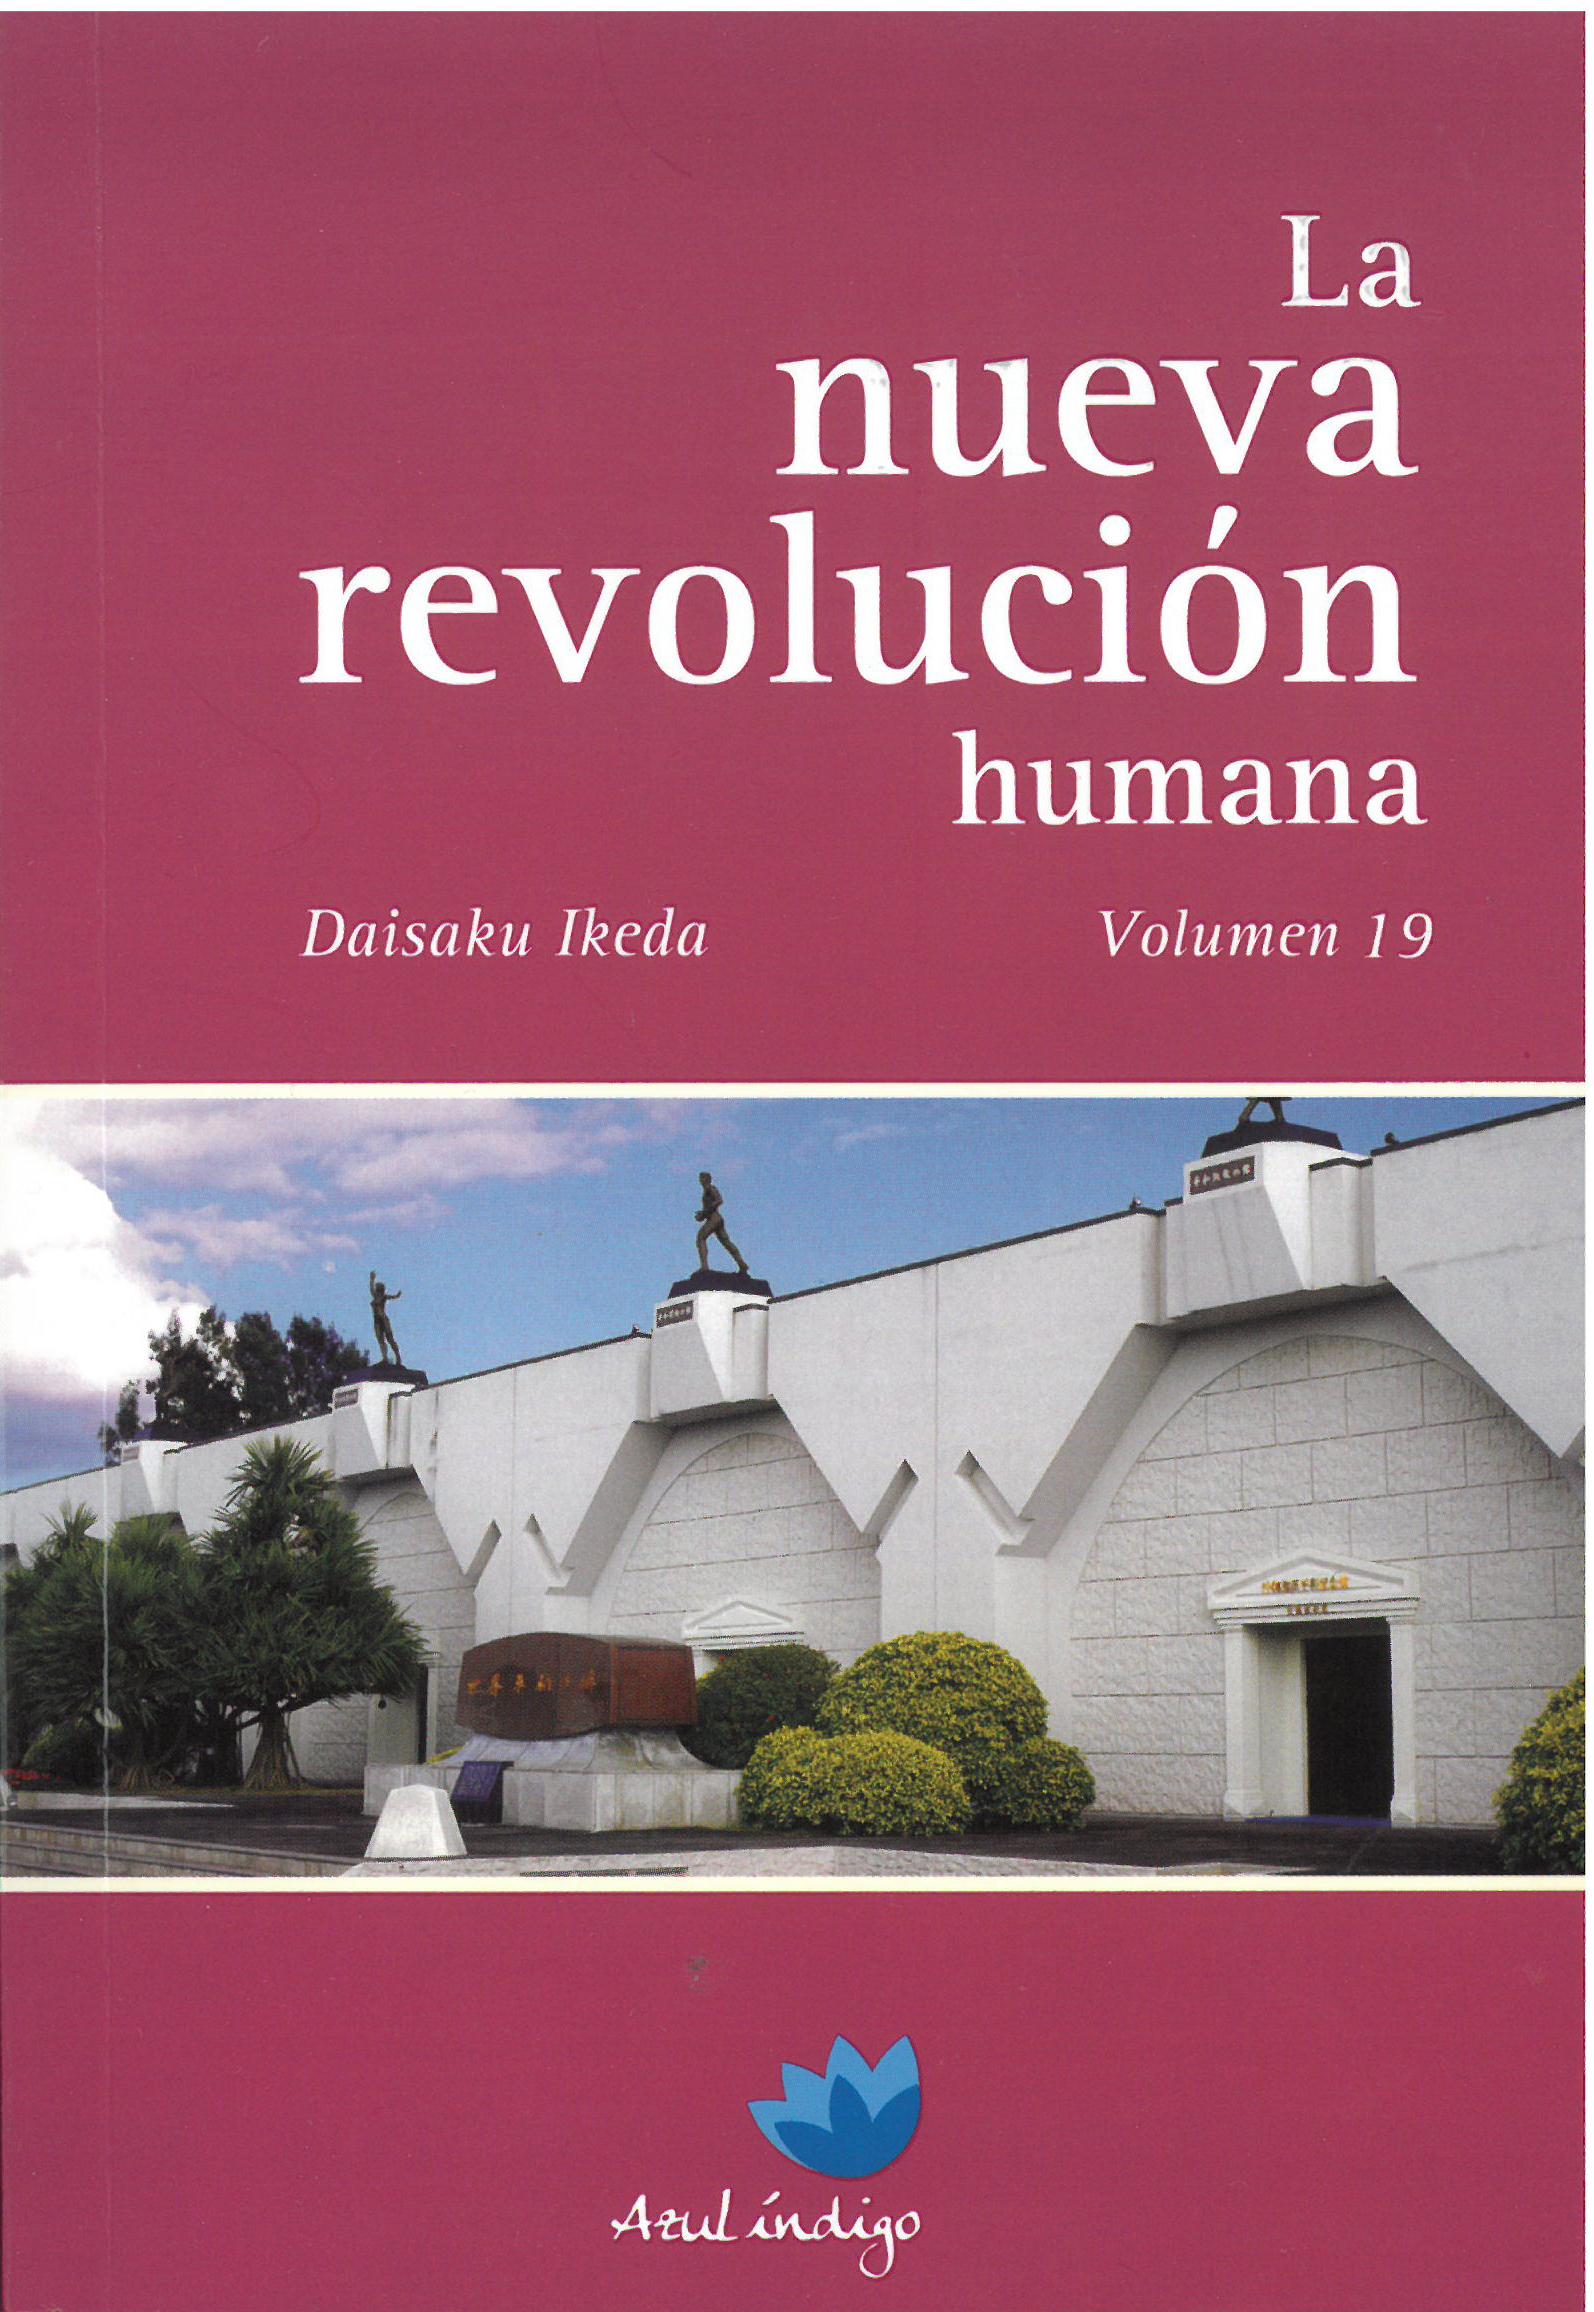 La Nueva Revolución Humana Vol. 19